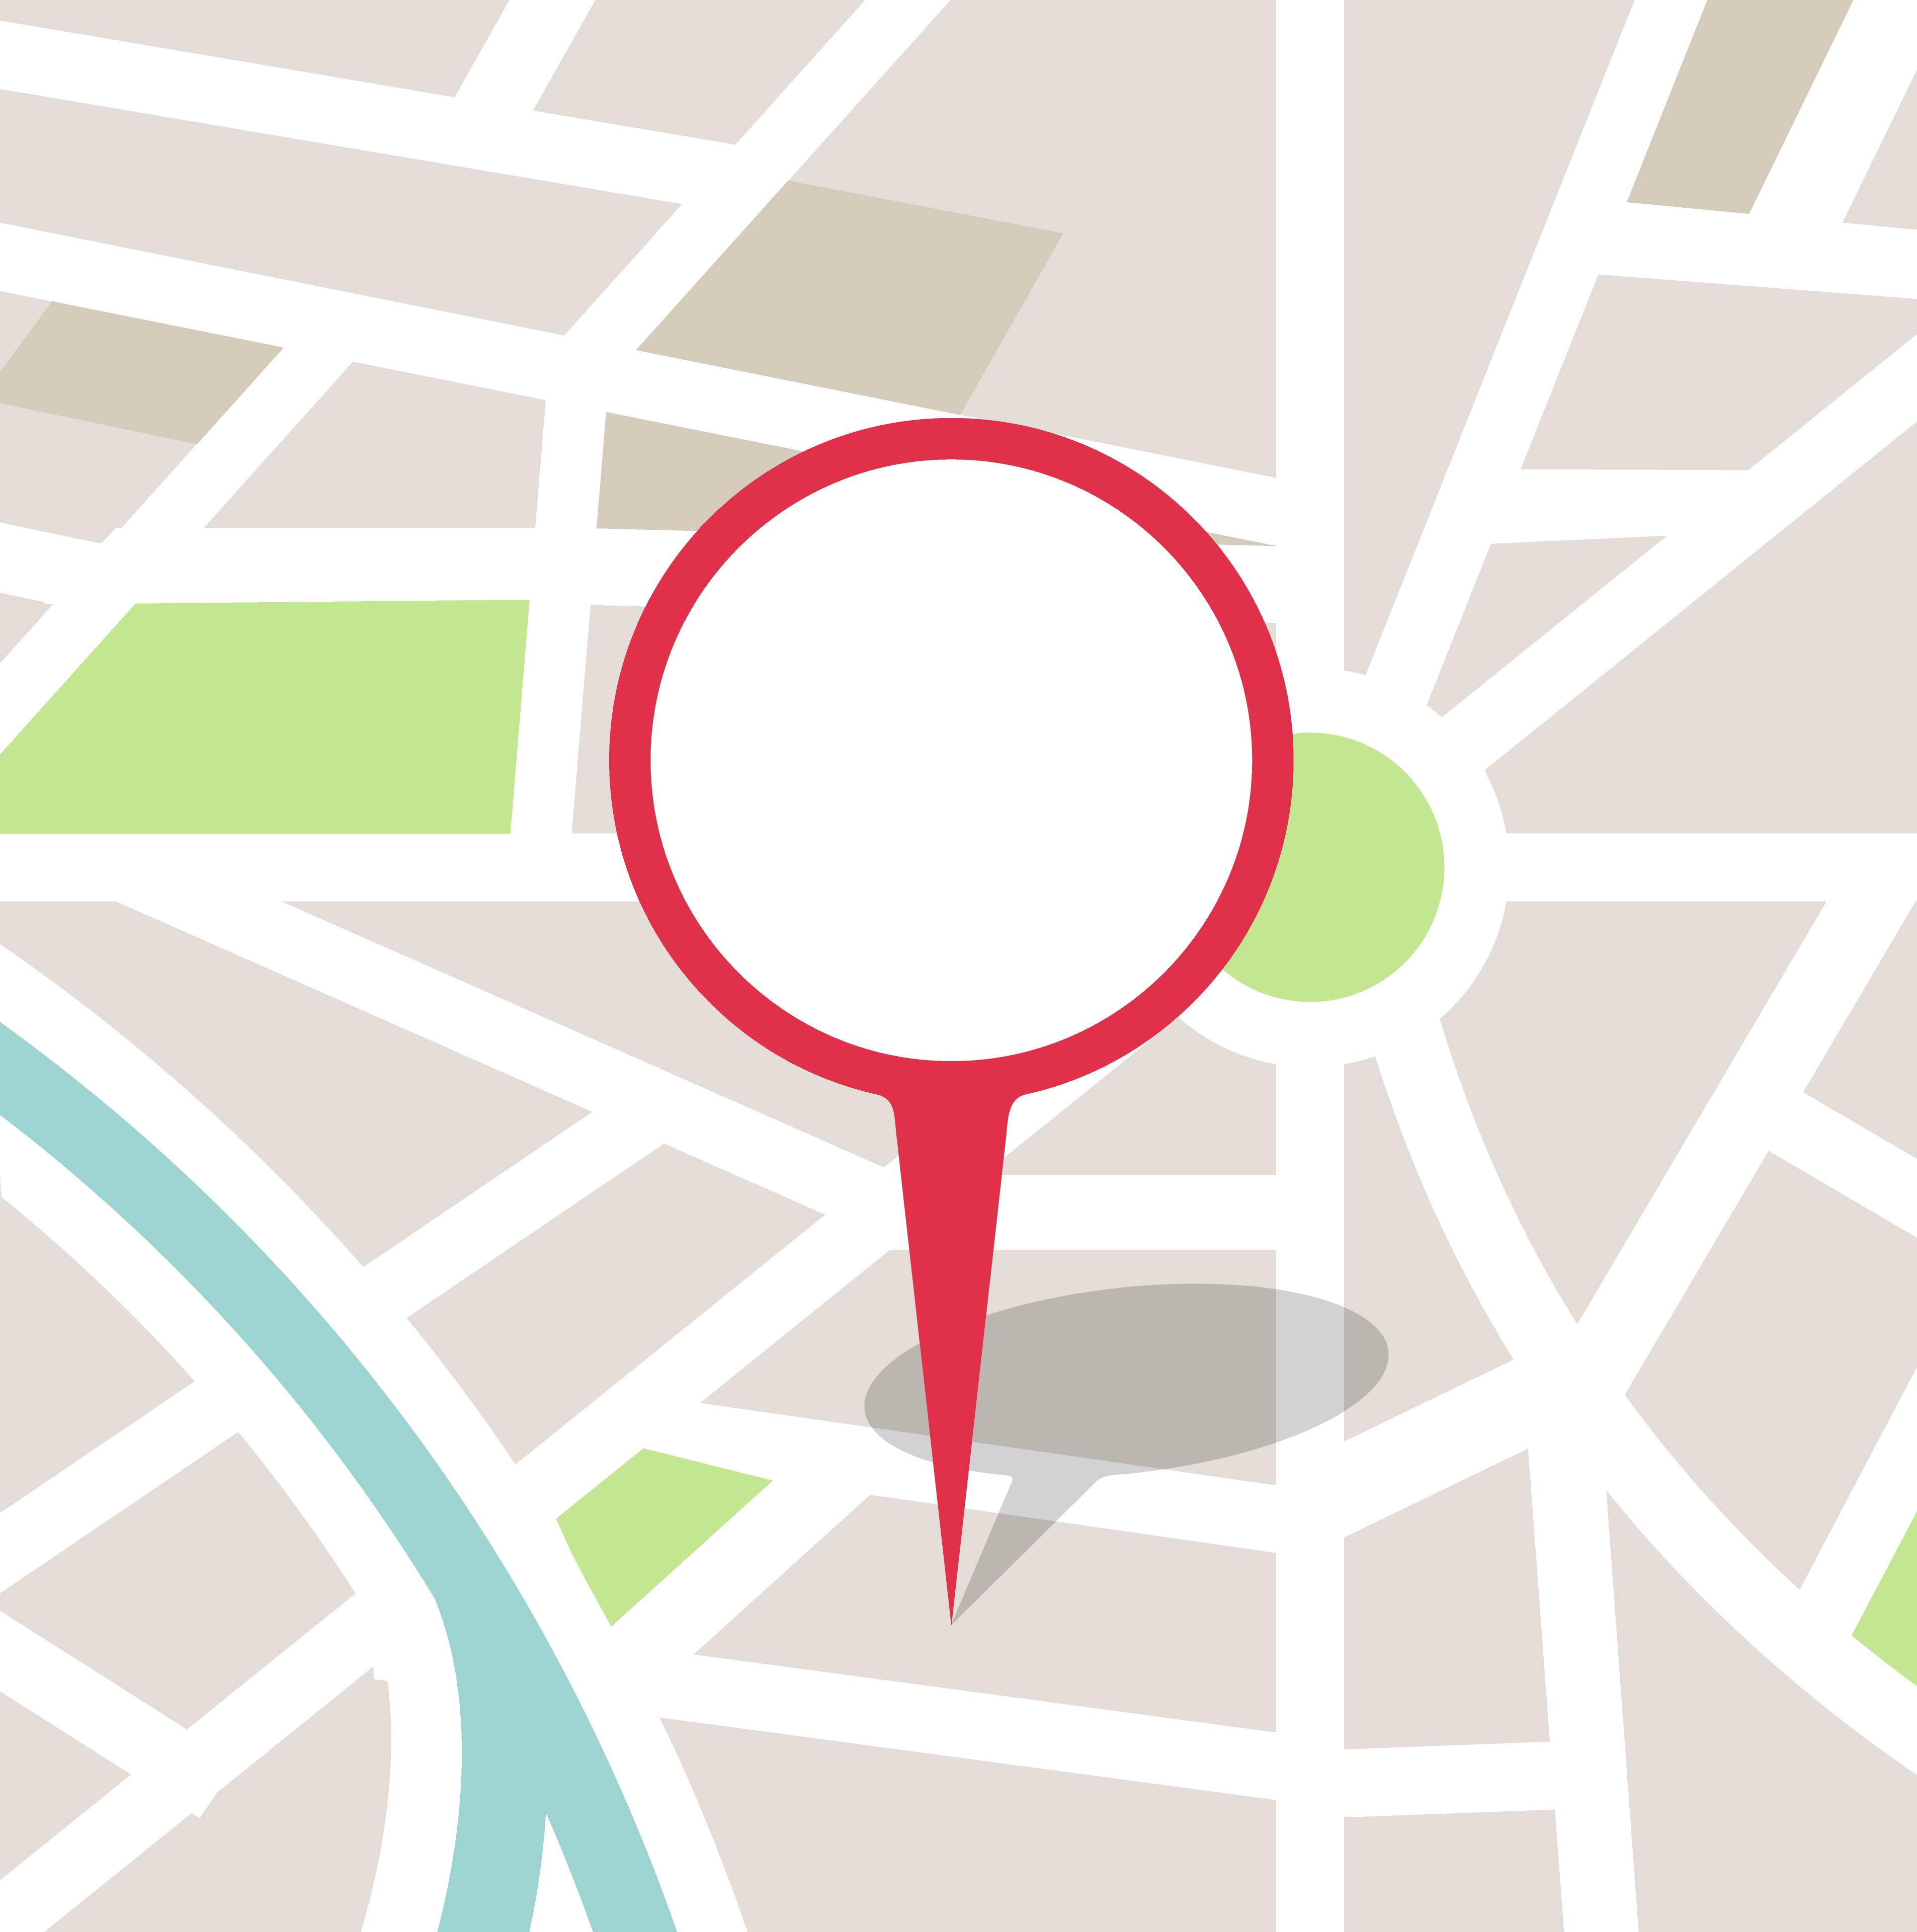 京都市上京区の放課後等デイサービス施設の一覧まとめ!地図や最寄り駅、ホームページなどの情報を整理してみた。